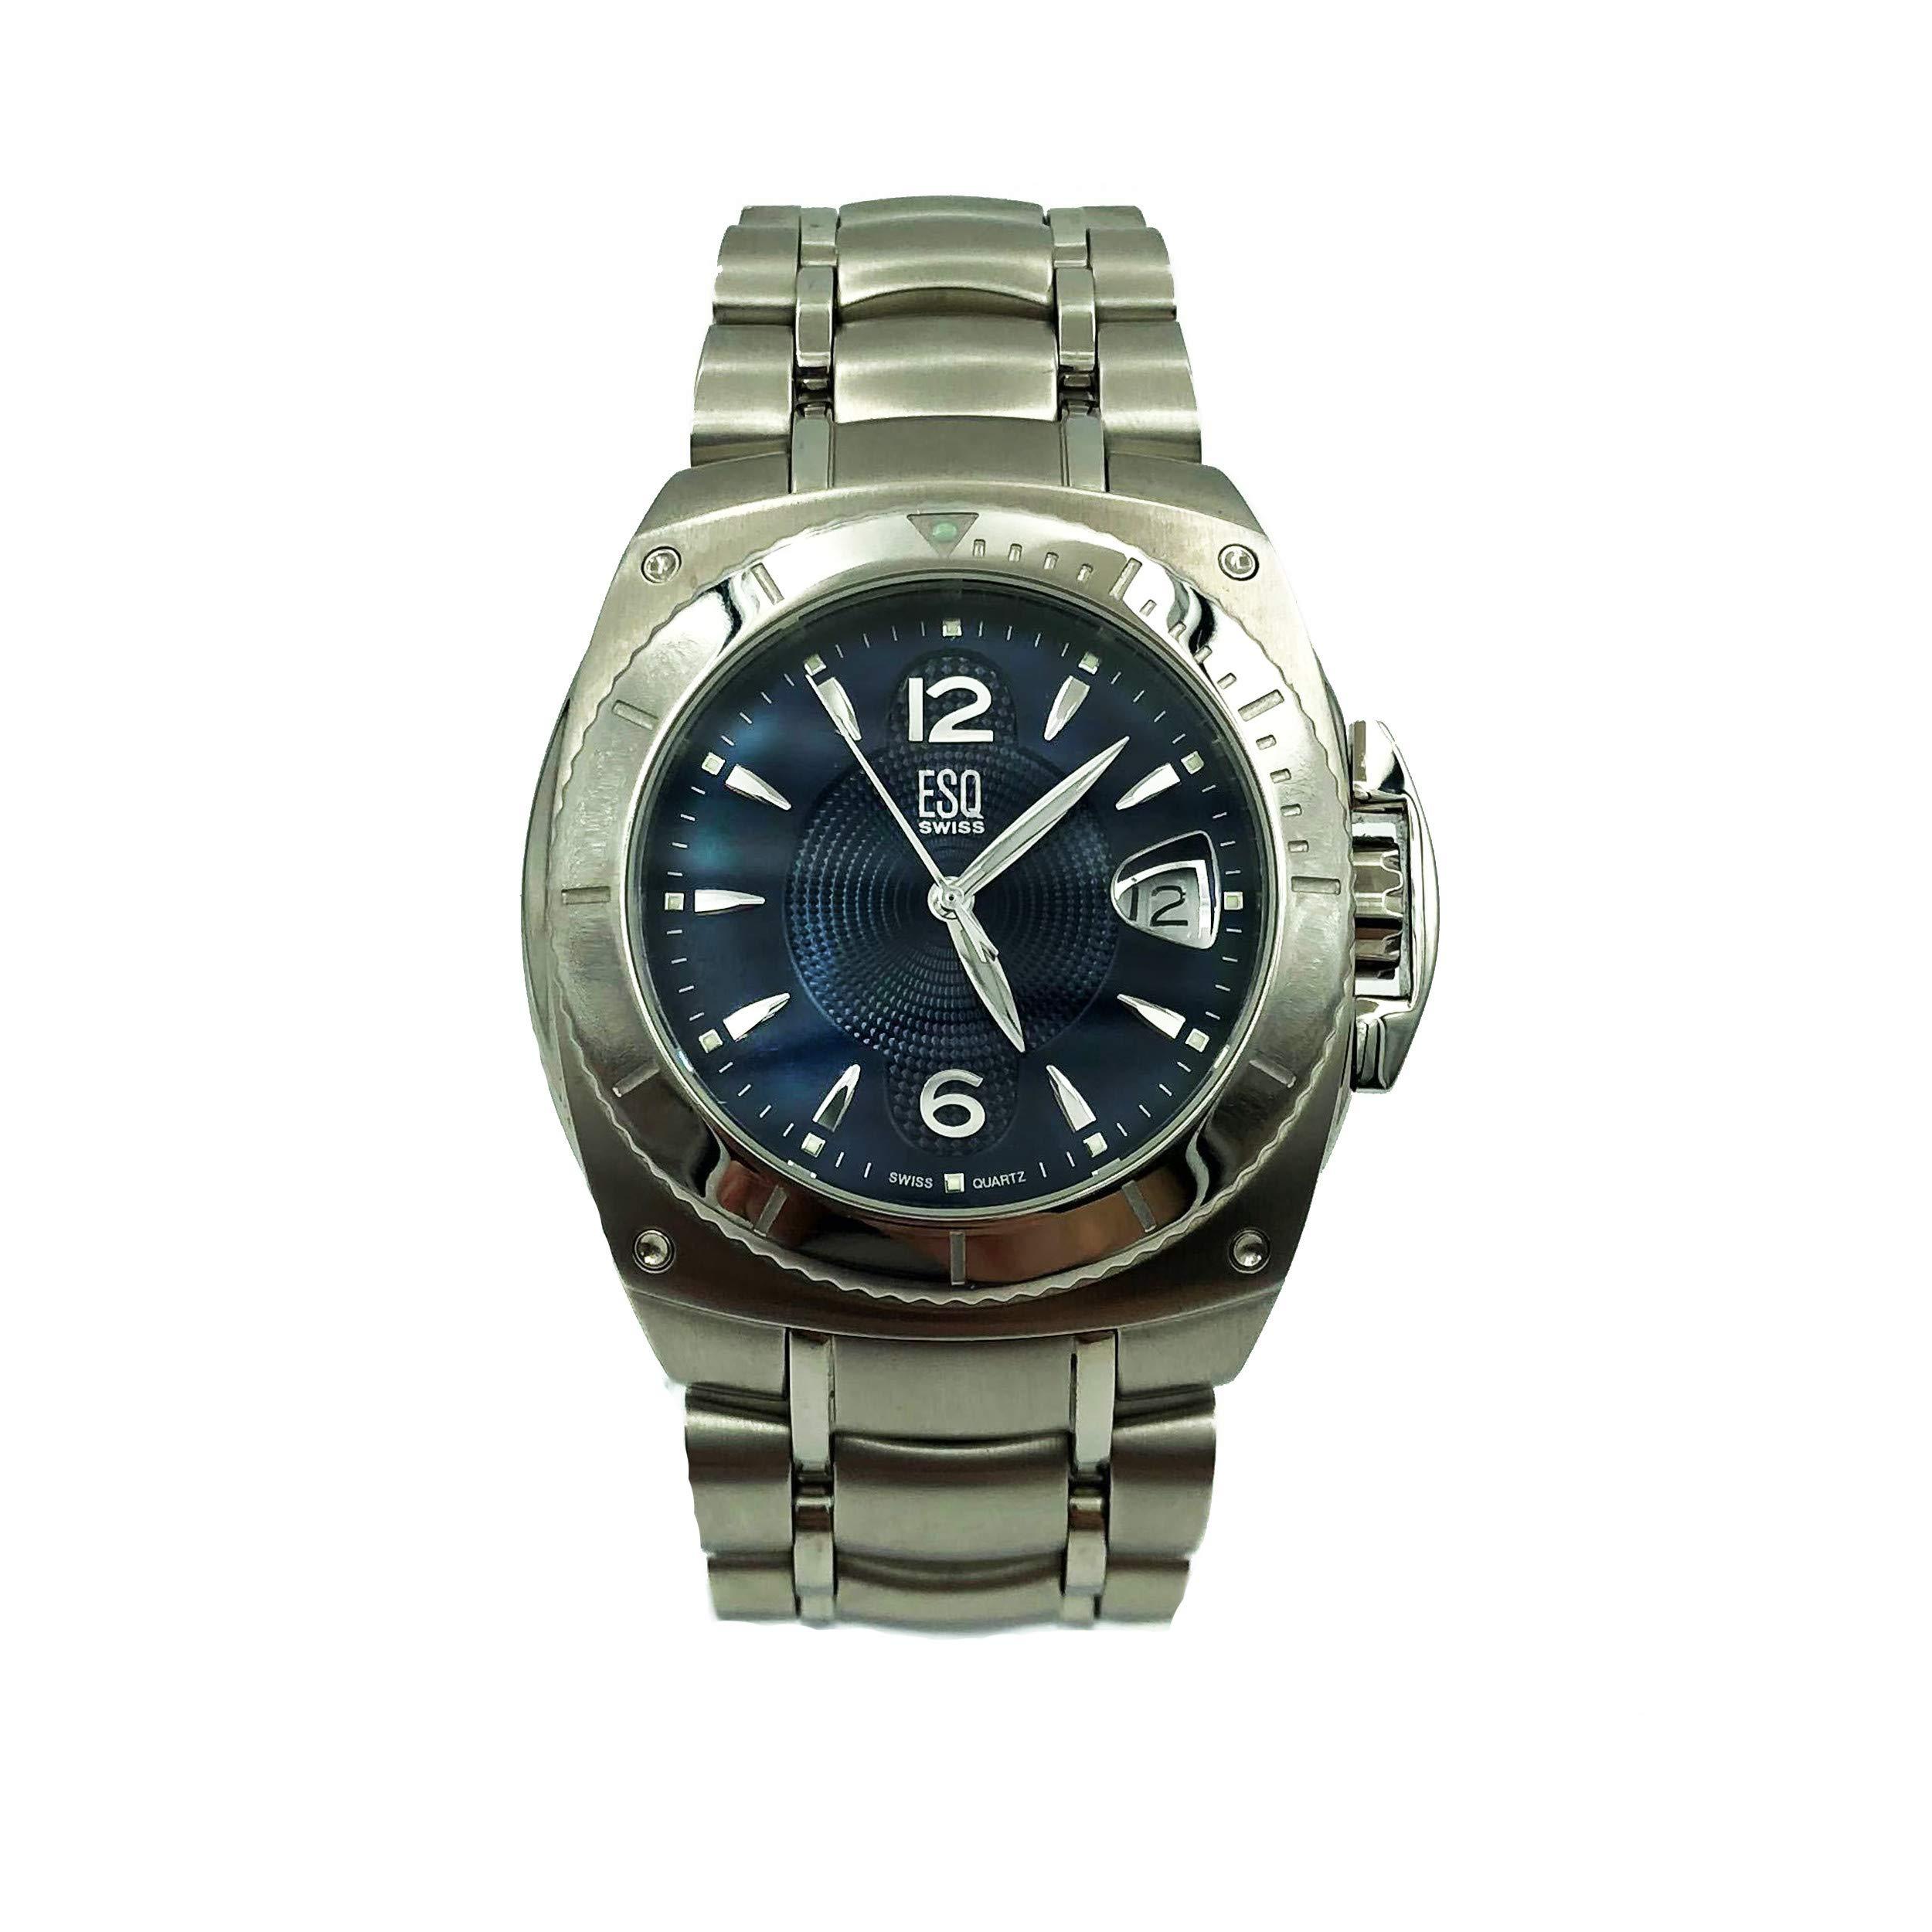 ESQ Bracer Quartz Male Watch 07301045 (Certified Pre-Owned) by ESQ